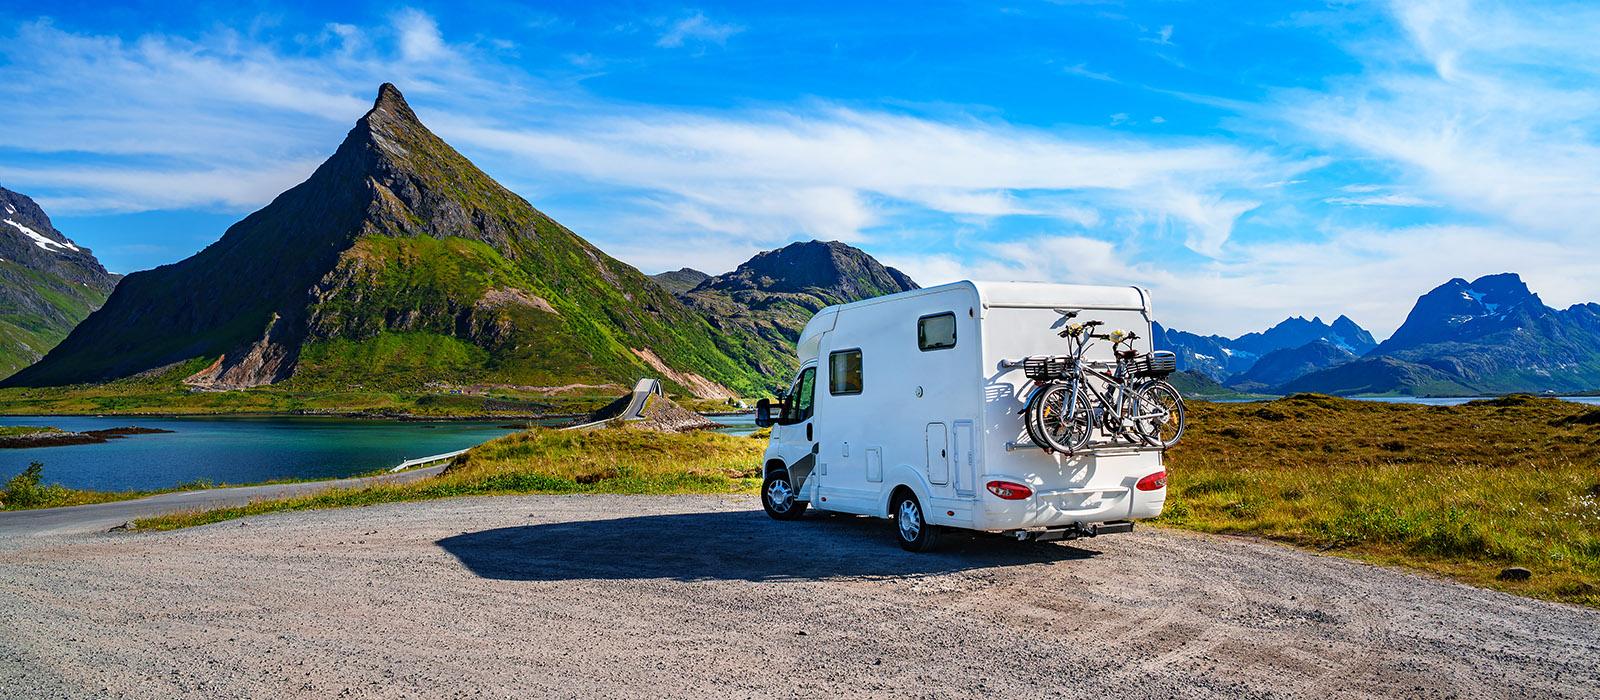 Při cestování obytným autem či s karavanem nejste limitovaní jen na autokempy